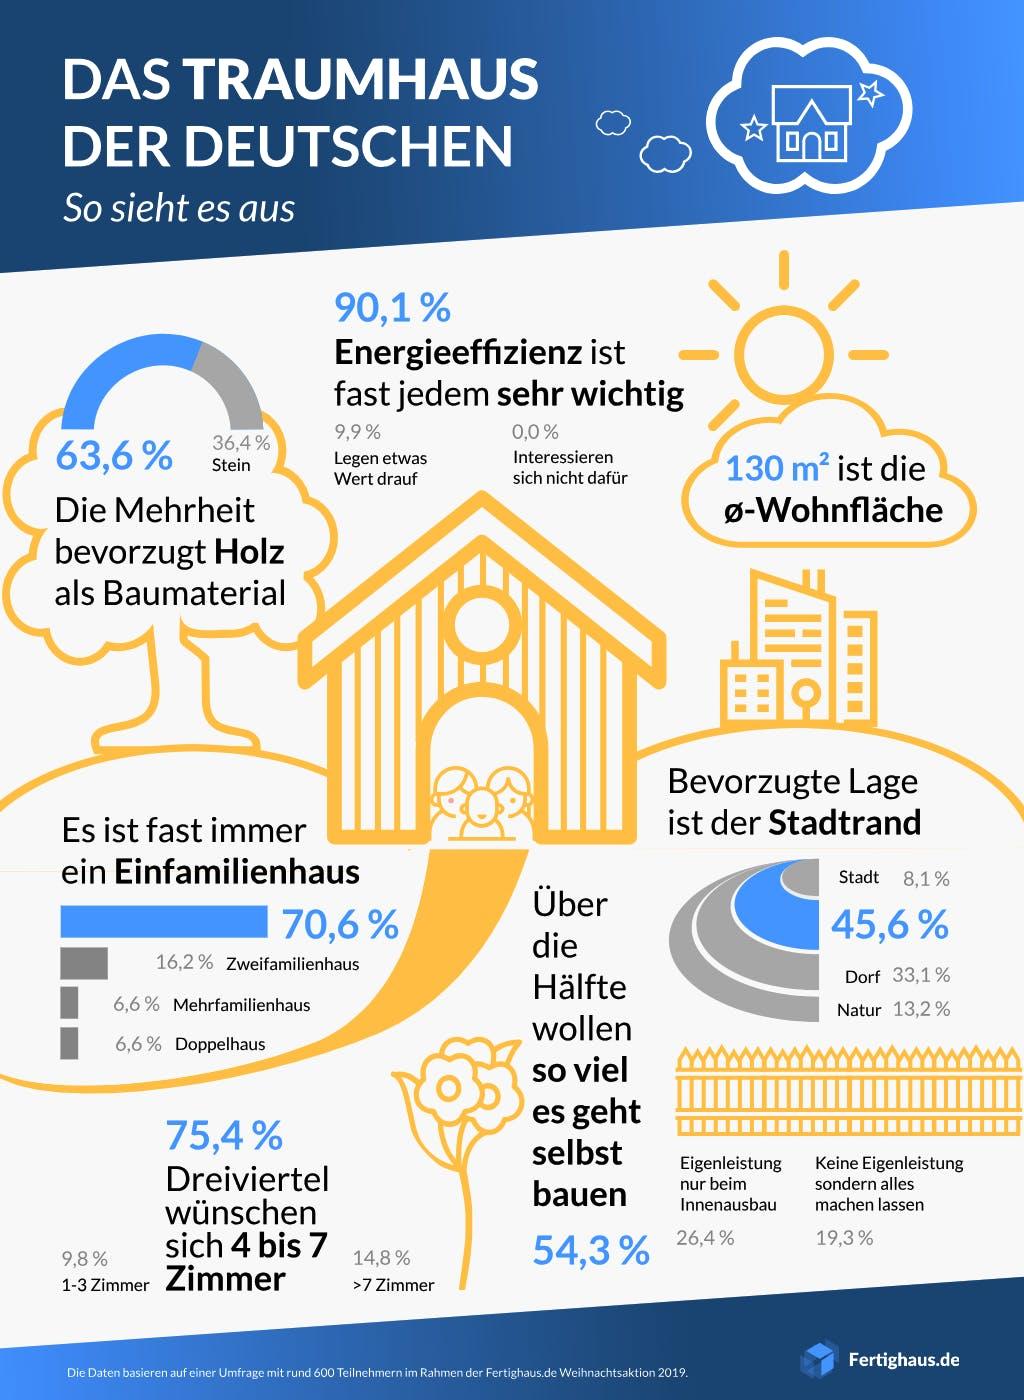 Infografik mit Merkmalen zum Traumhaus der Deutschen